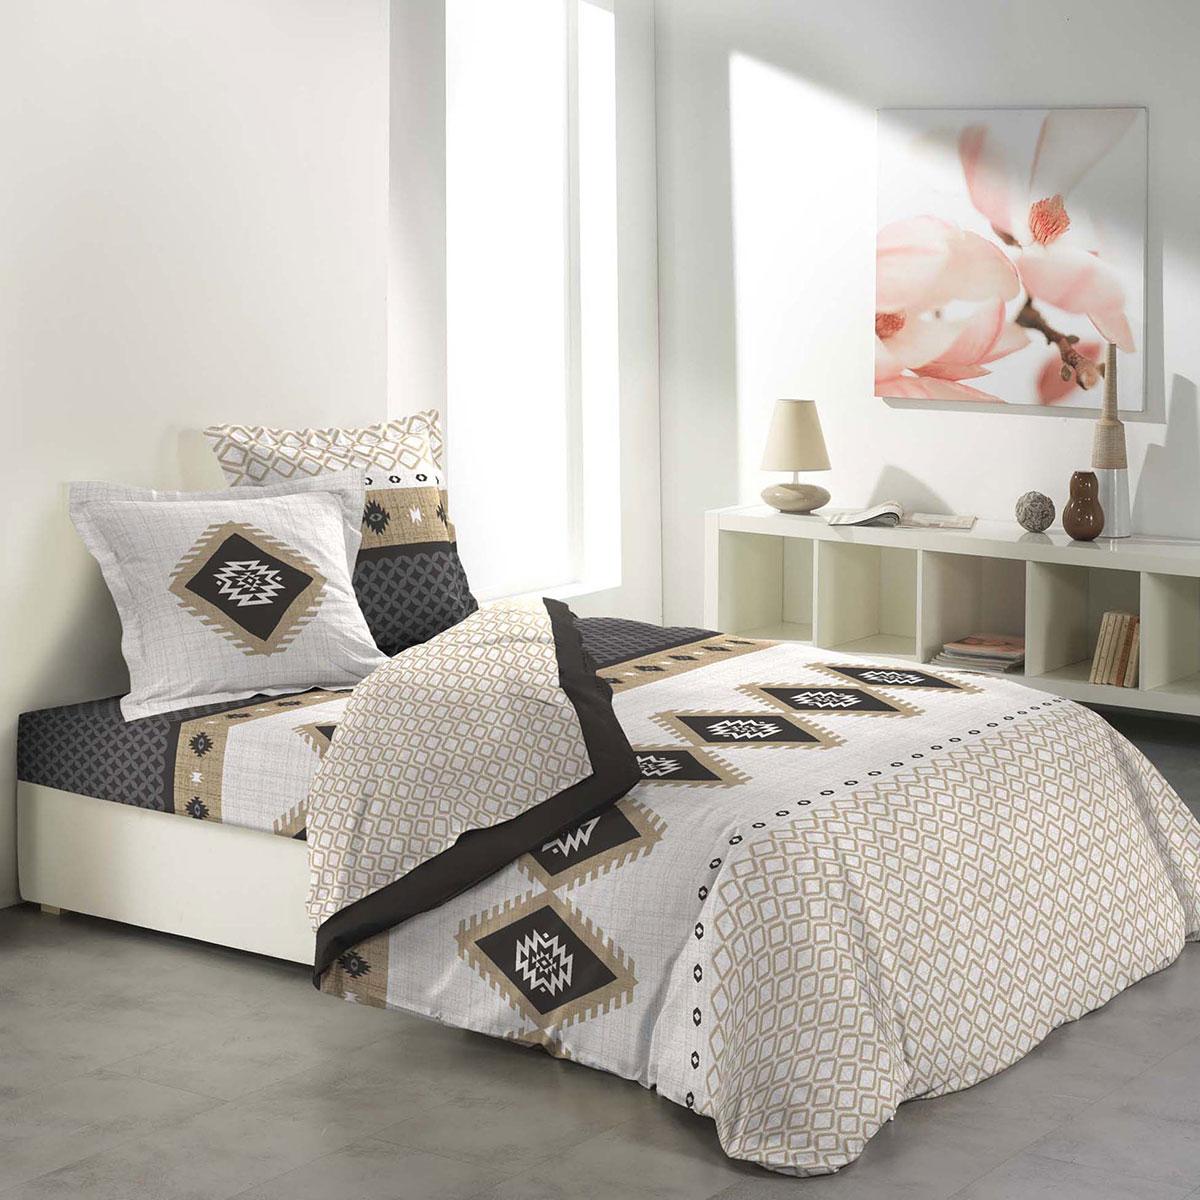 parure de draps ethnique et g om trique multicolore homemaison vente en ligne housses. Black Bedroom Furniture Sets. Home Design Ideas